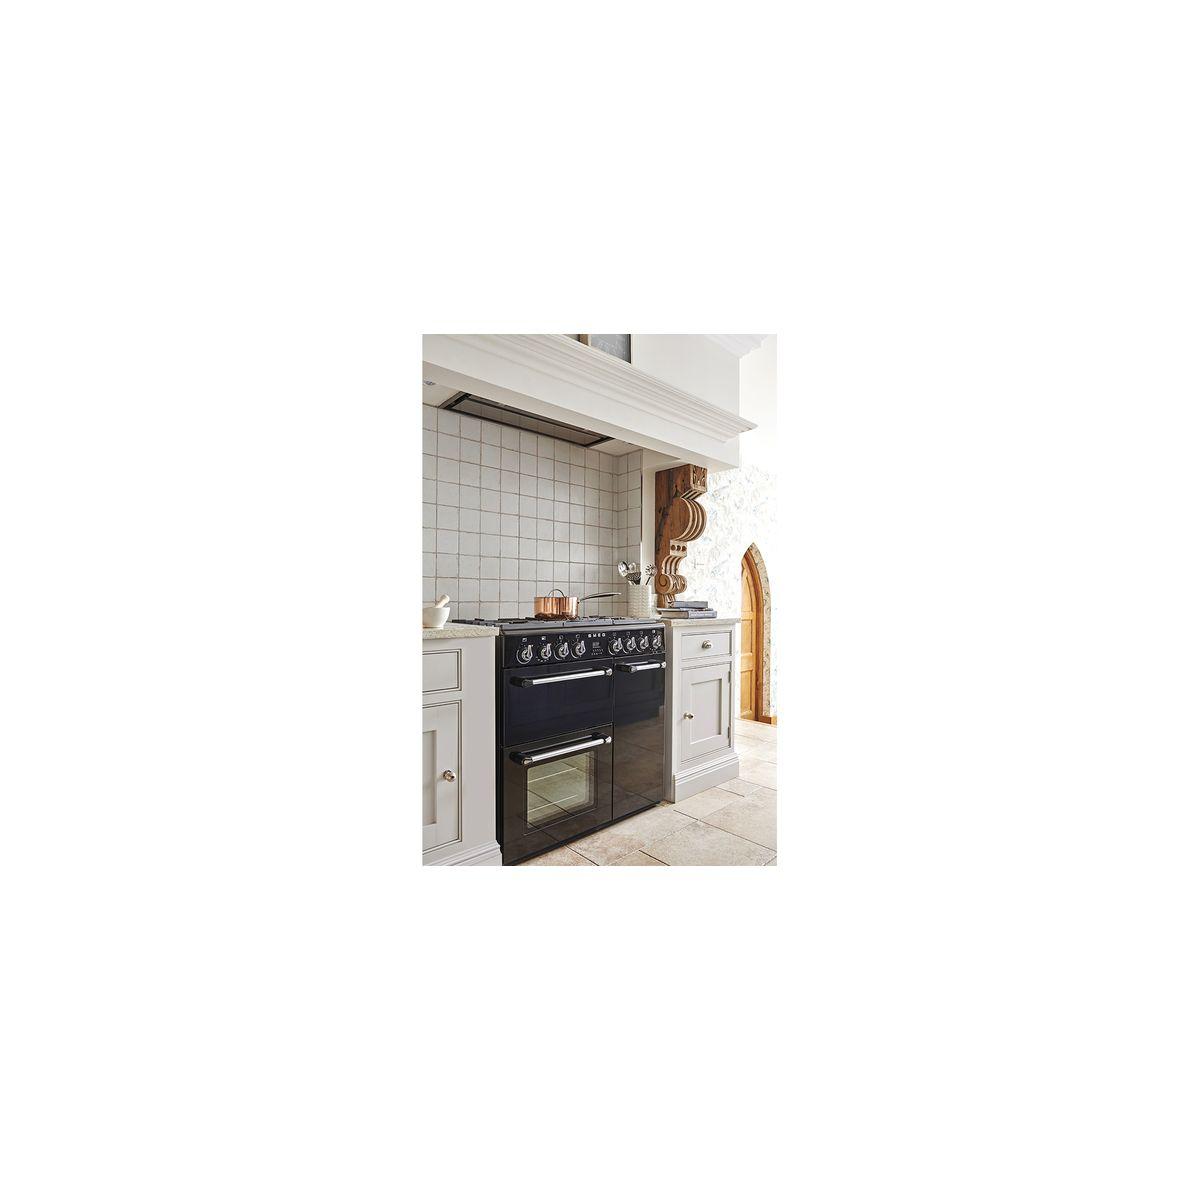 Smeg bm93 piano de cuisson mixte 5 foyers gaz avec 3 fours lectriques co - Prix d un piano de cuisson ...